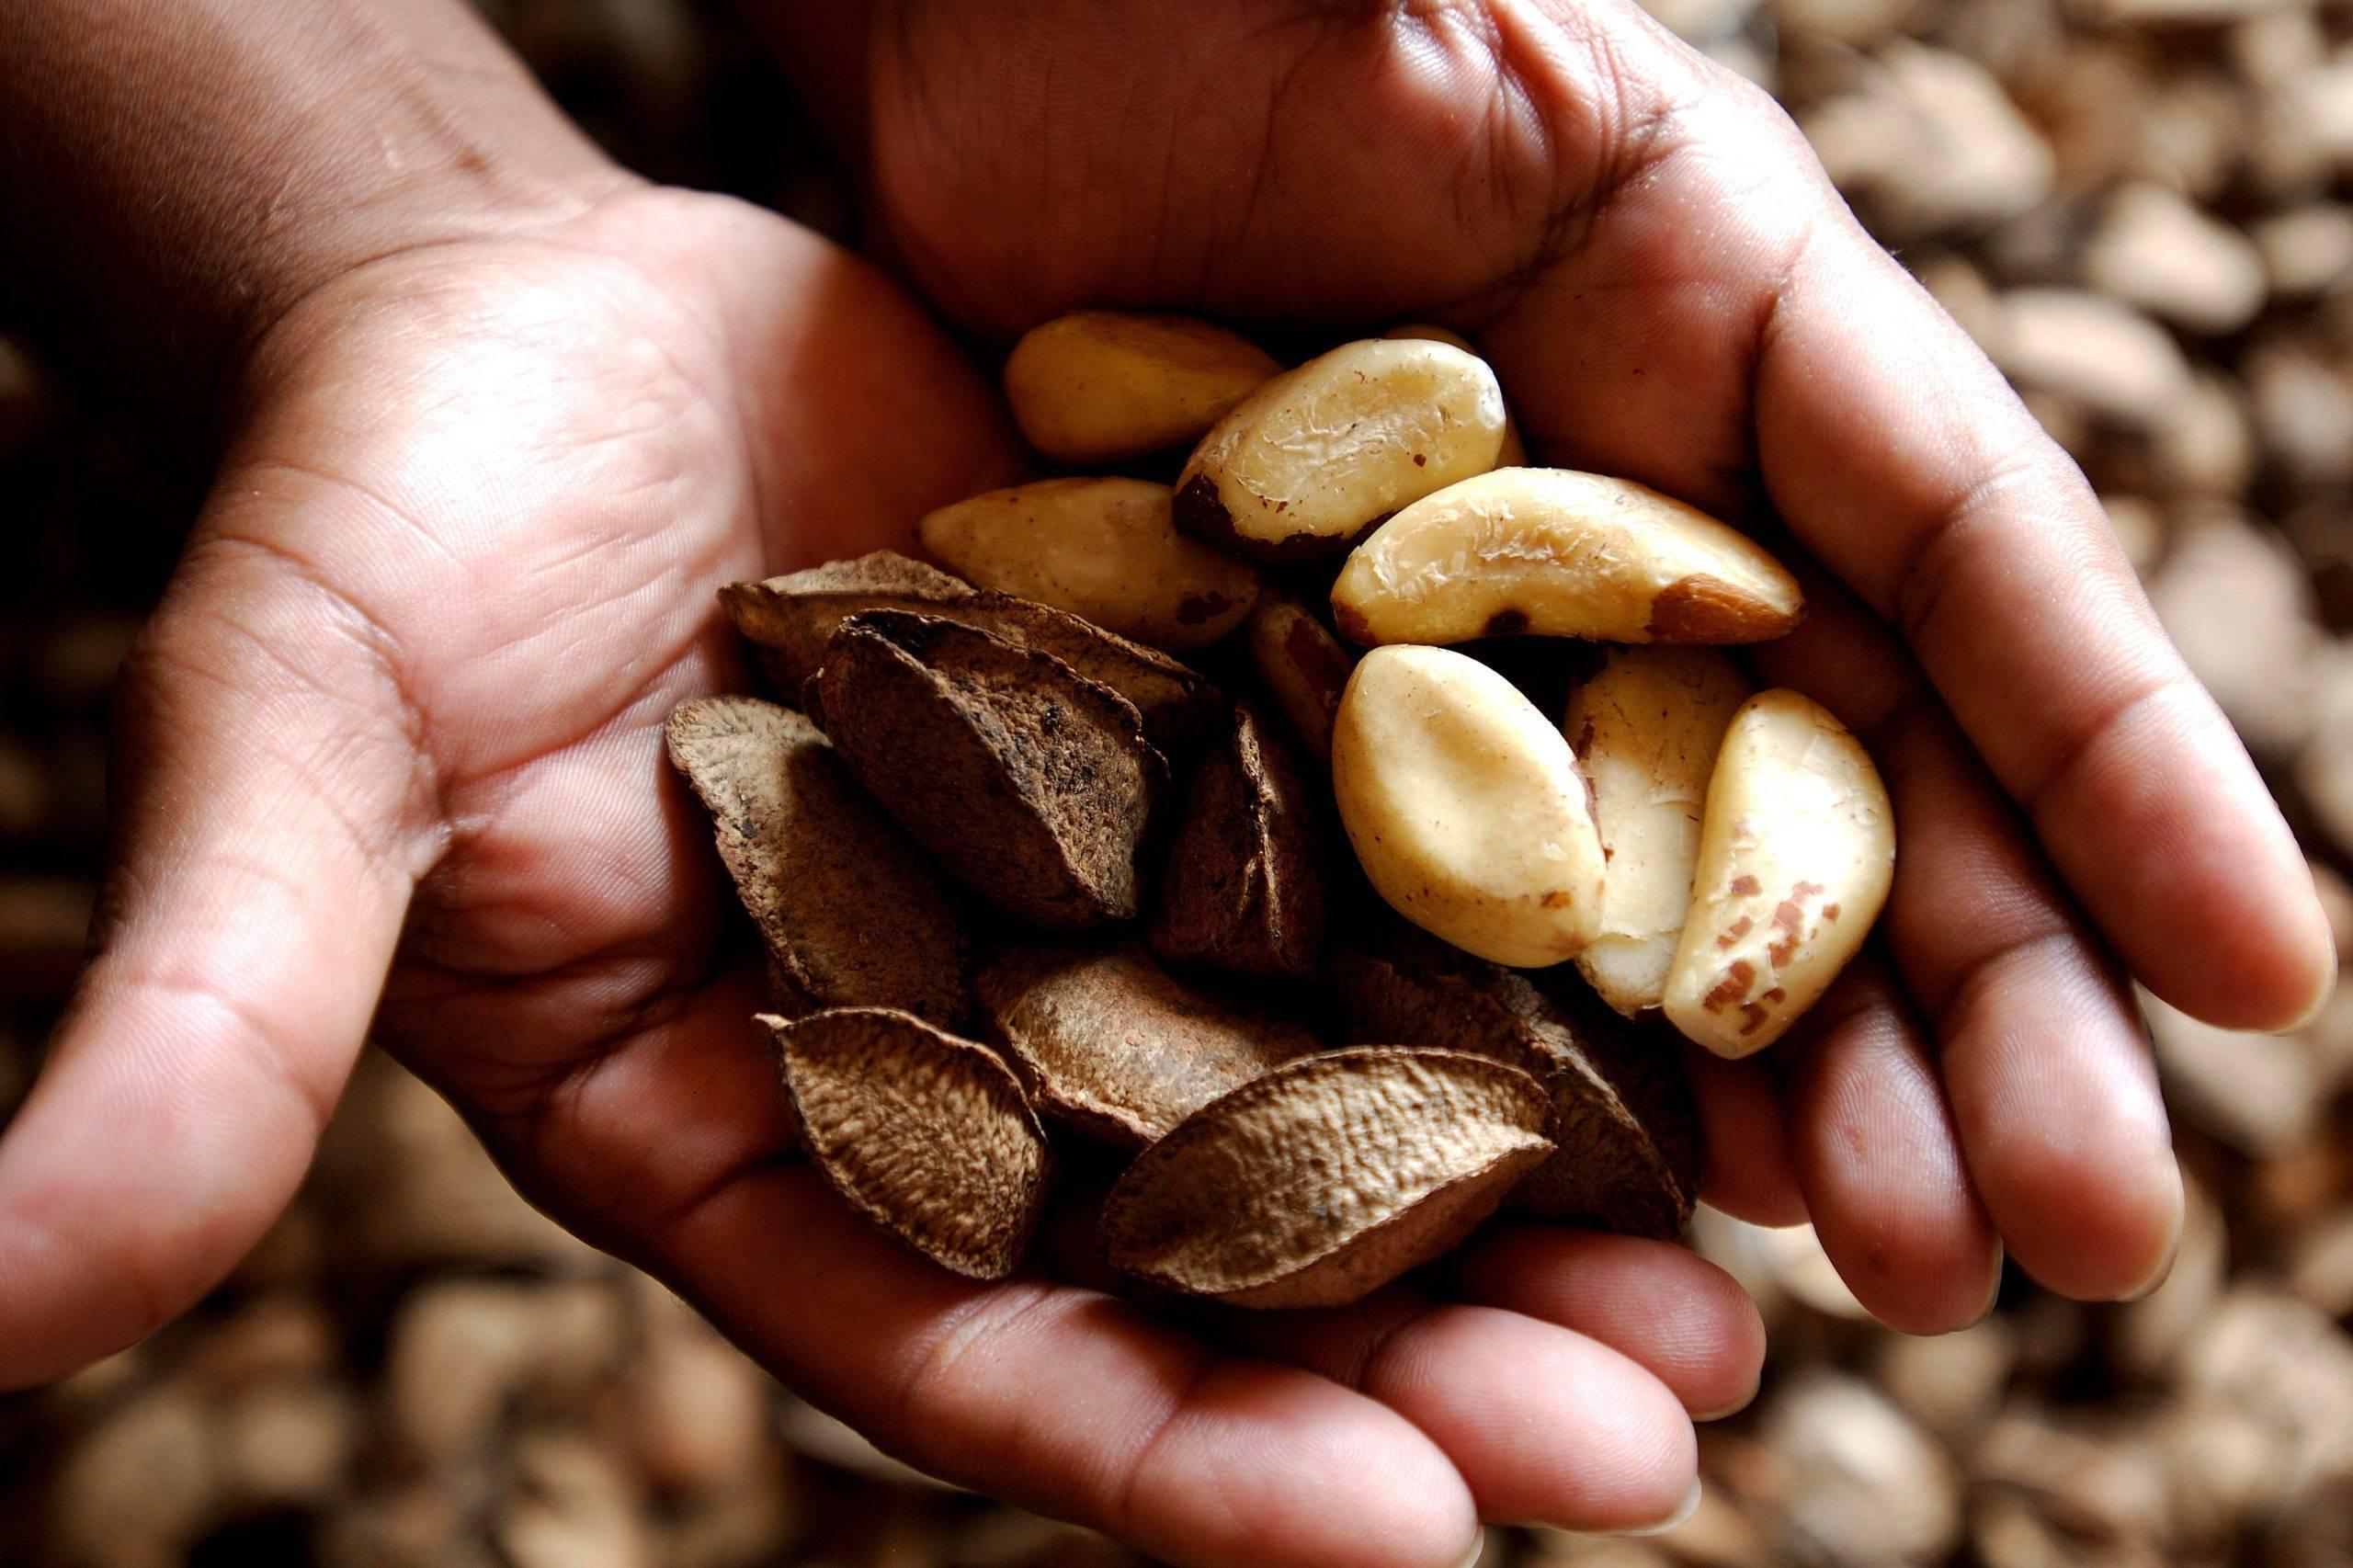 Бразильский орех: противопоказания, польза и вред